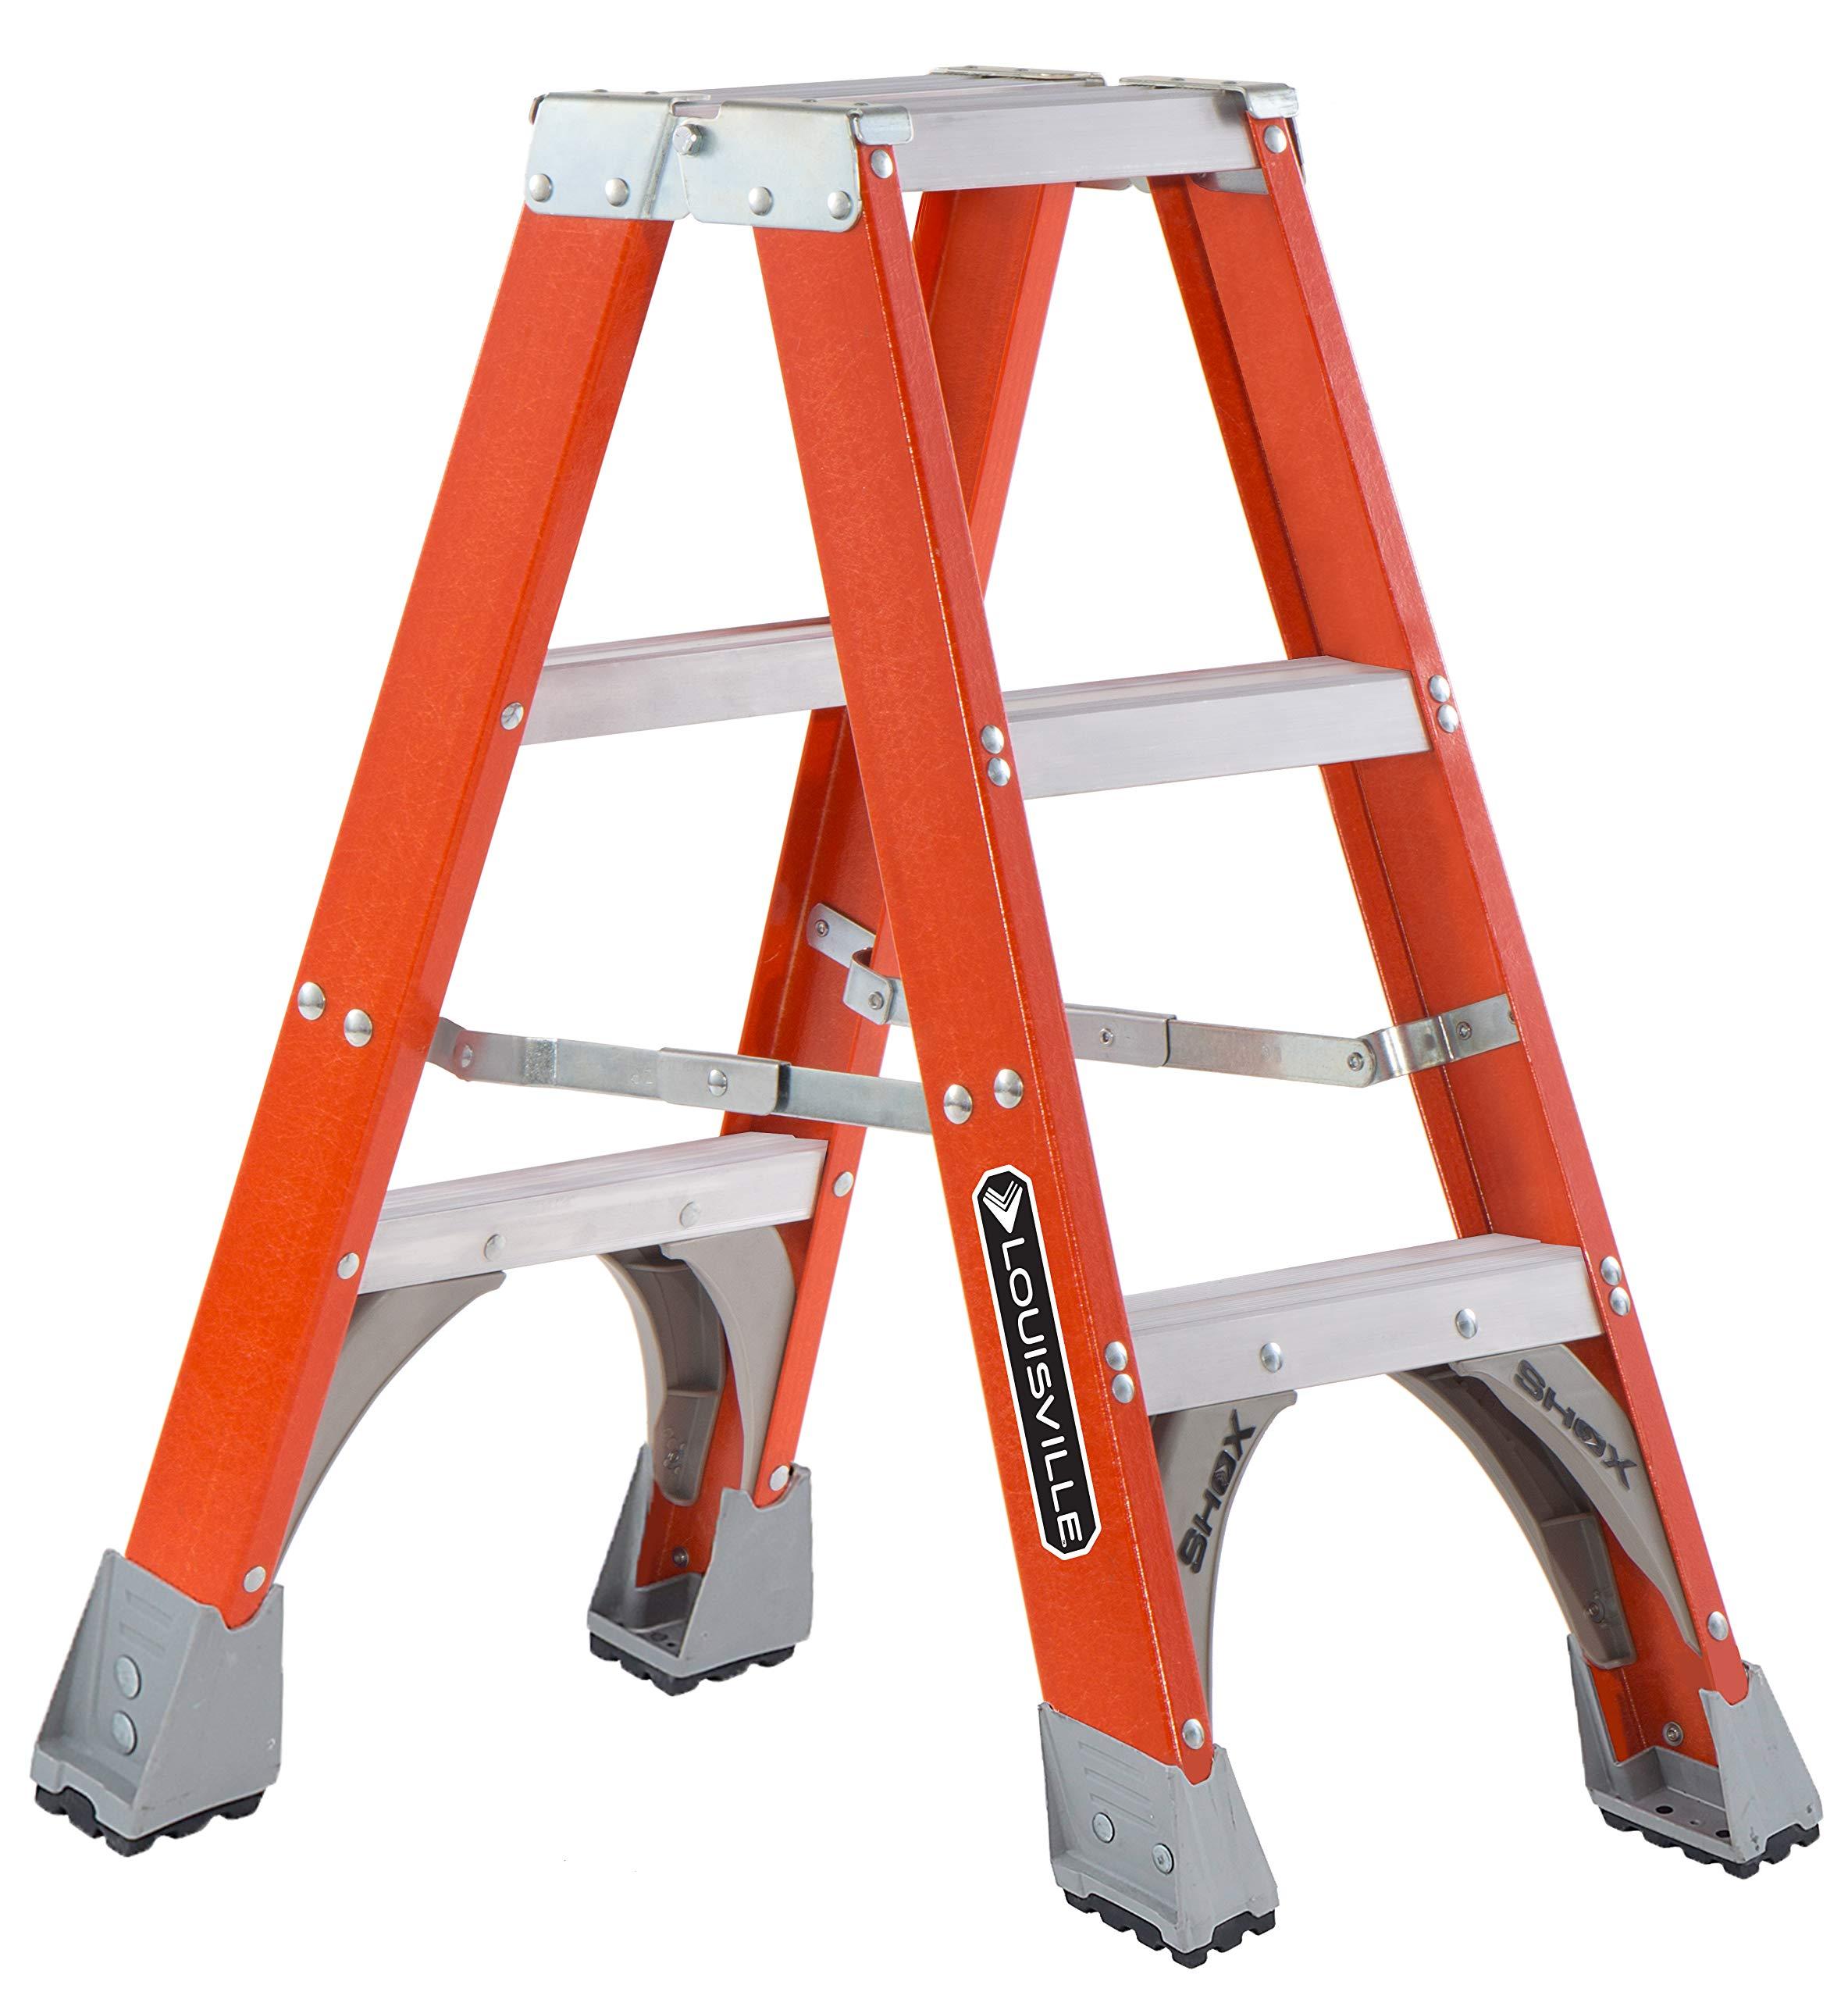 Louisville Escalera Fibra de vidrio escalera delantera, 3-Feet, índice de trabajo 300-Pound: Amazon.es: Bricolaje y herramientas